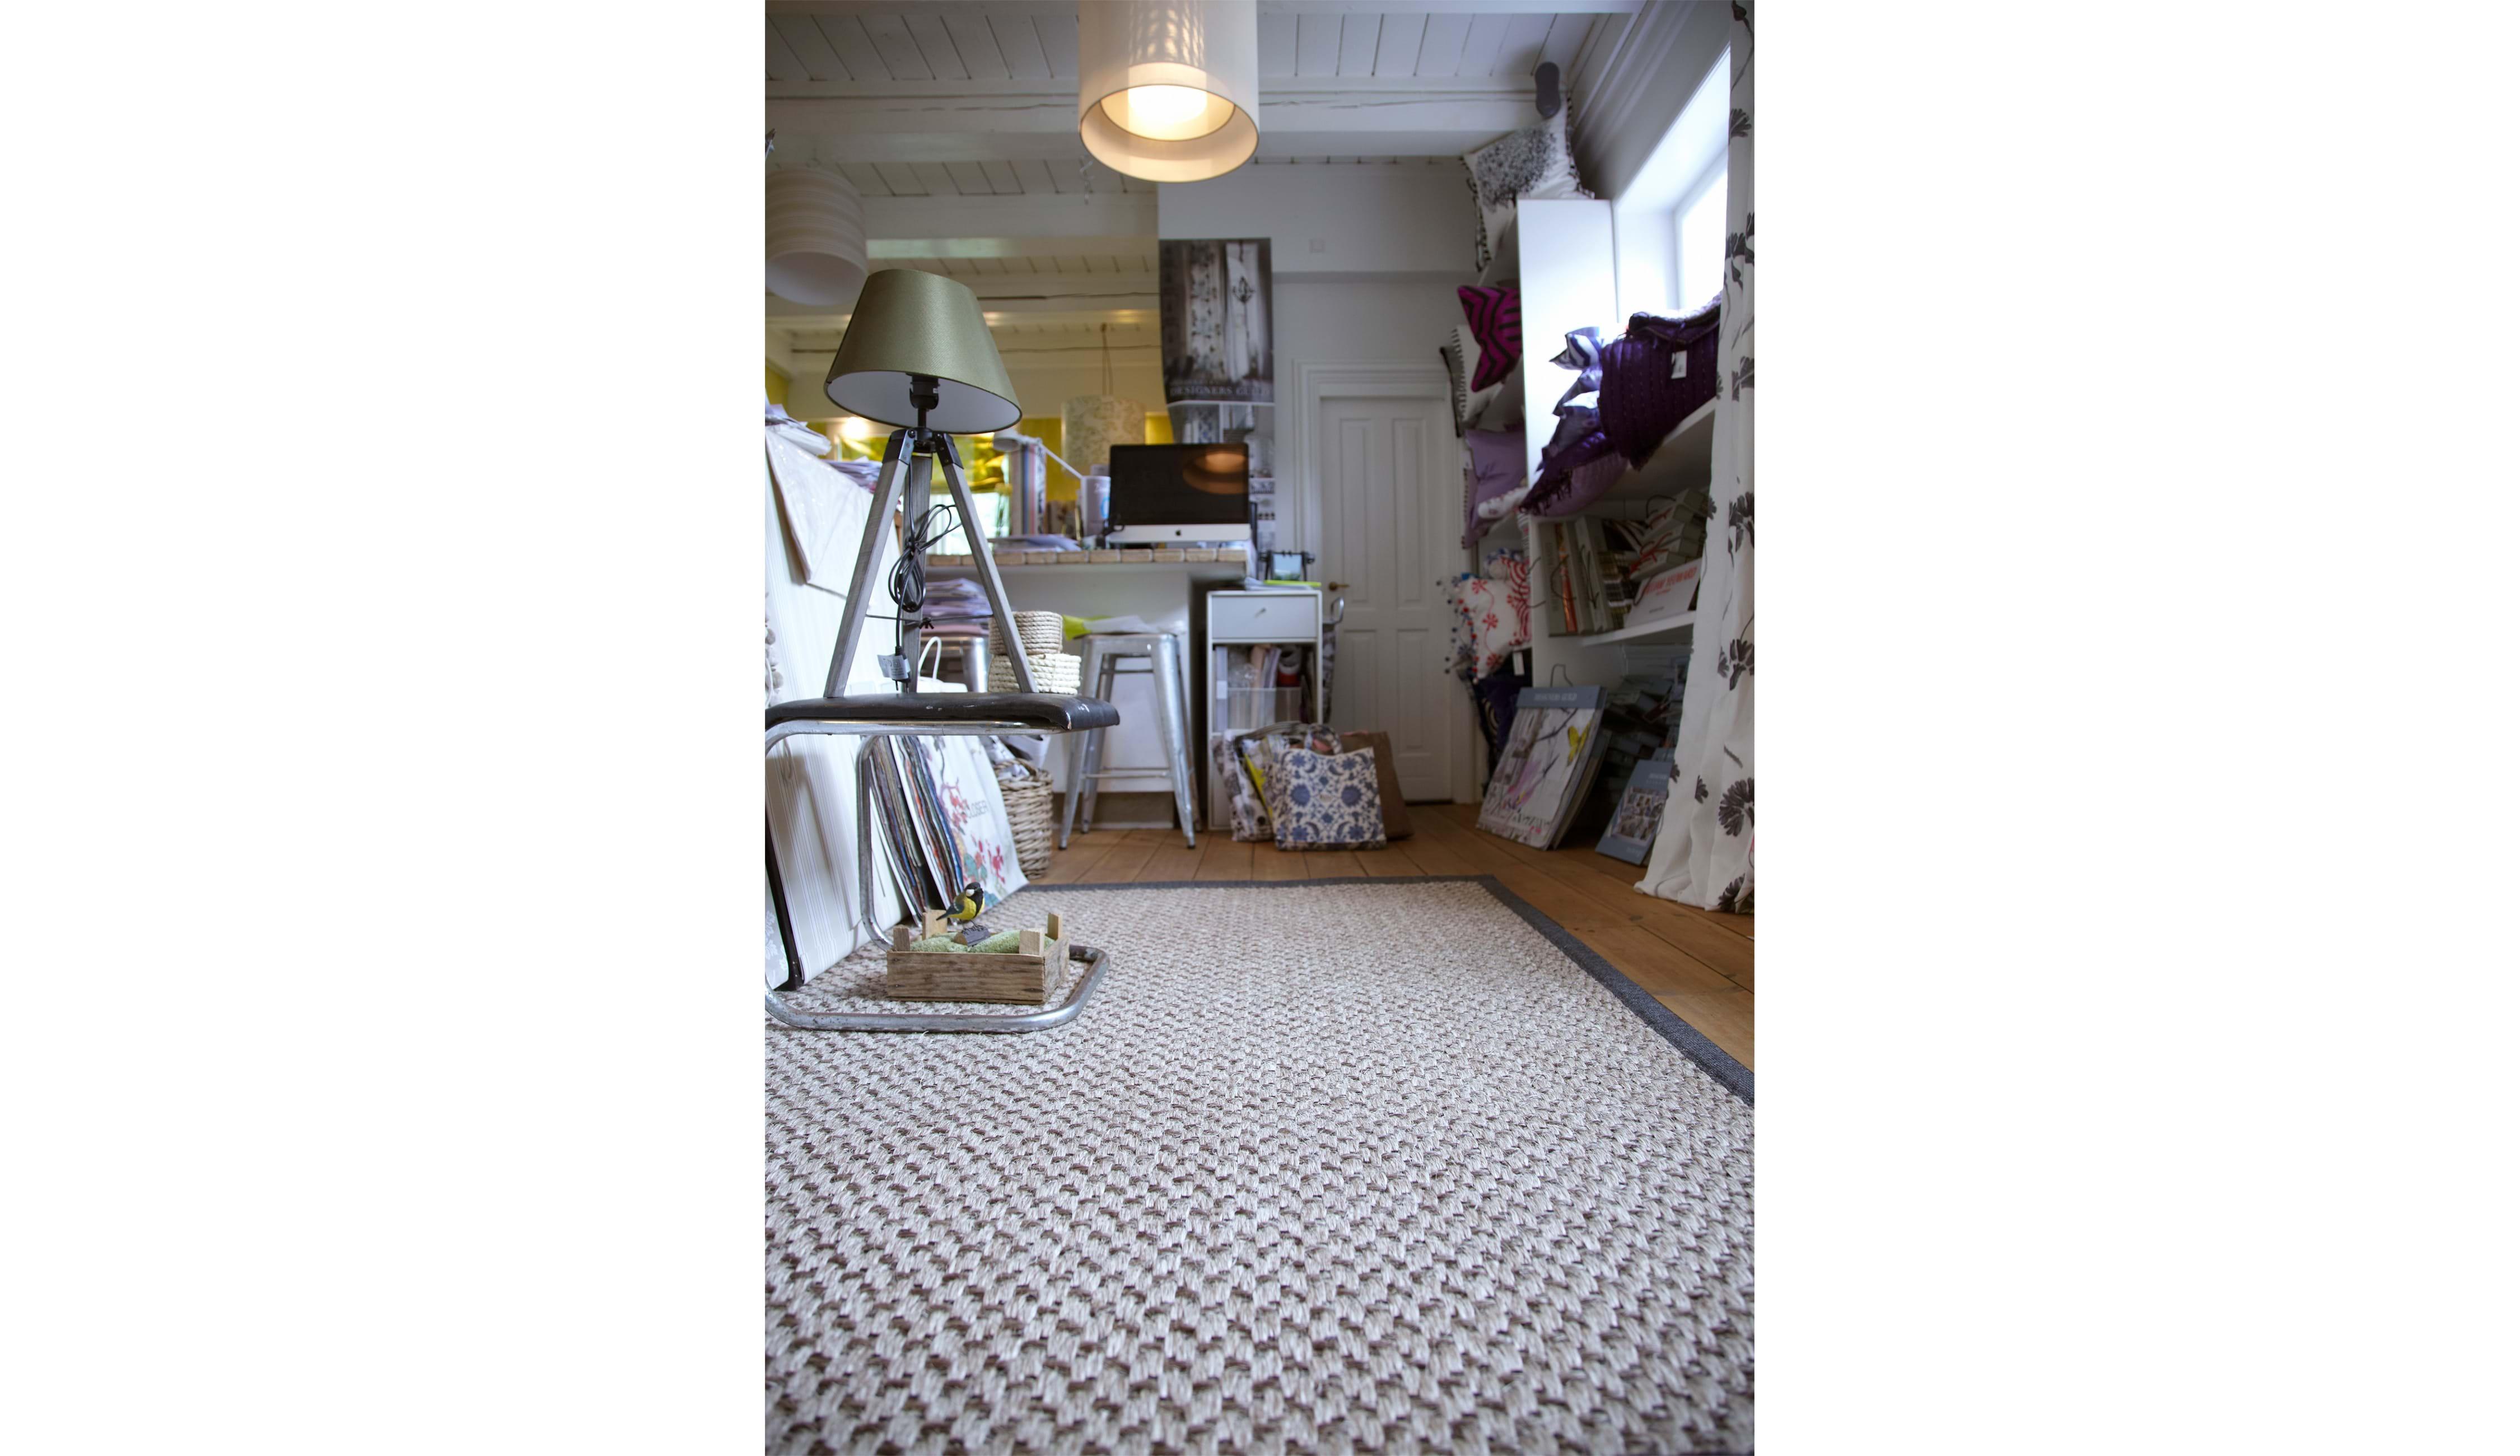 Få inspiration til brug af afpassede tæpper i stuen, spisestuen